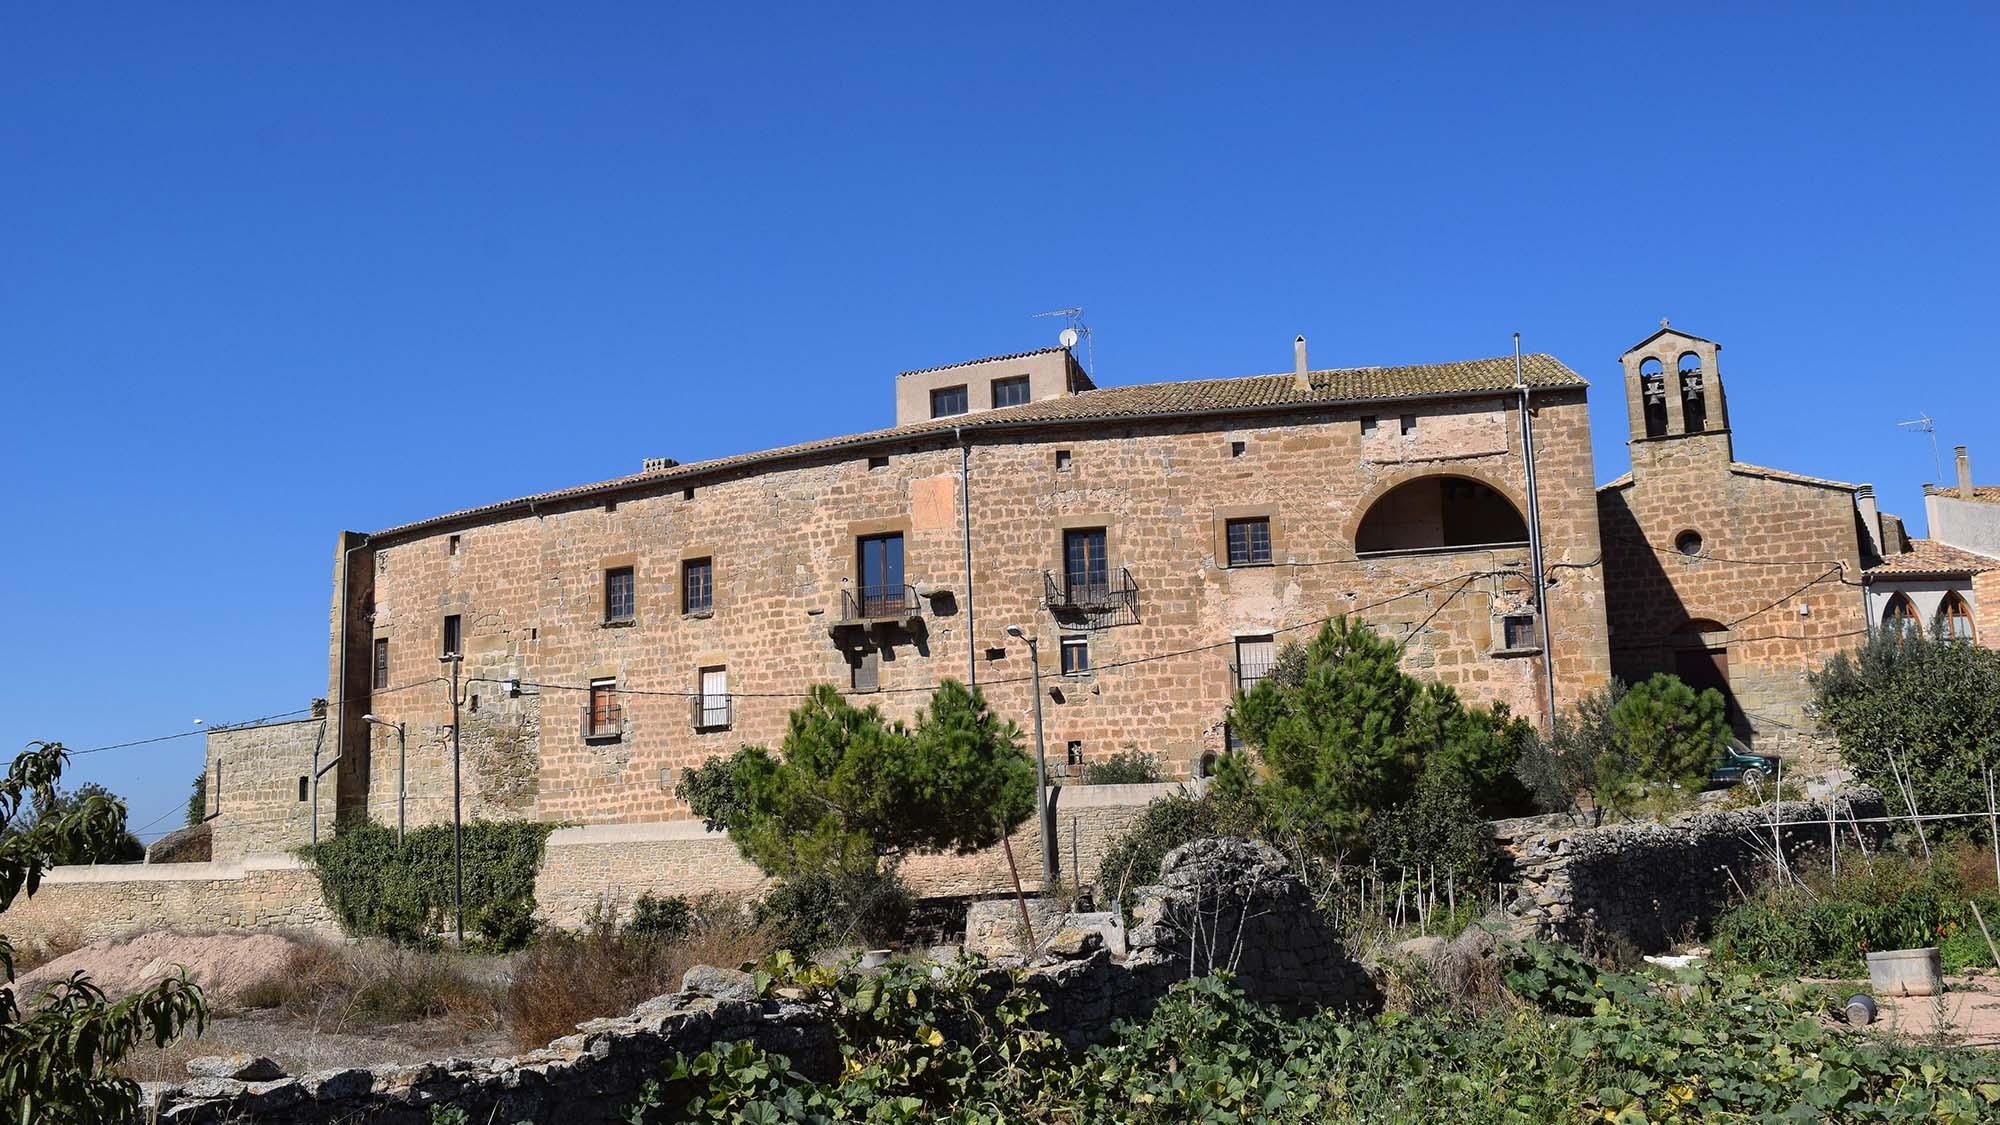 Edificio  Ca n'Alió o Casa Solsona